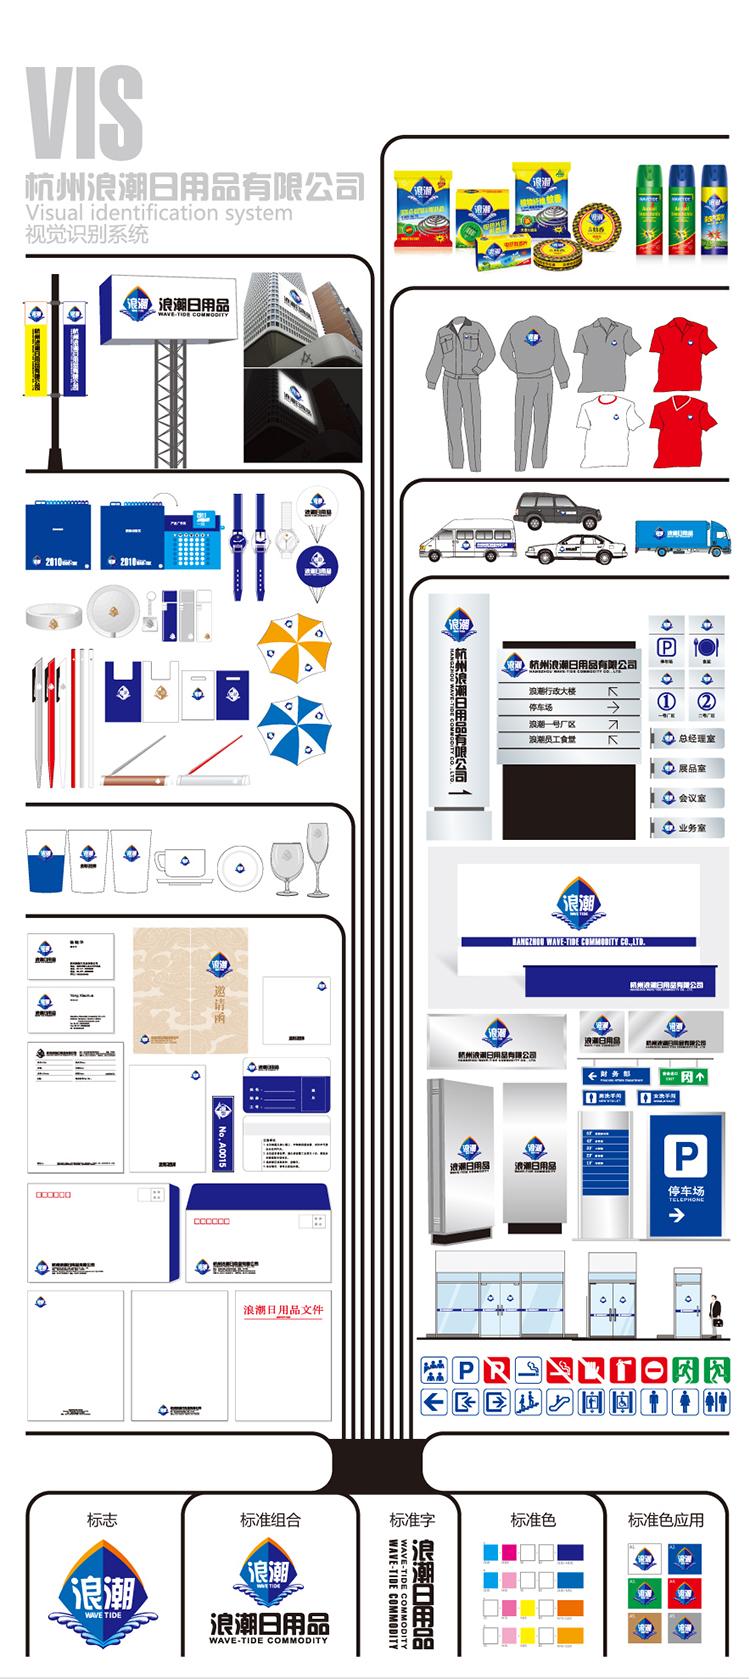 浪潮品牌形象设计/VI视觉识别系统/杭州包装设计/杭州圣海包装艺术设计有限公司